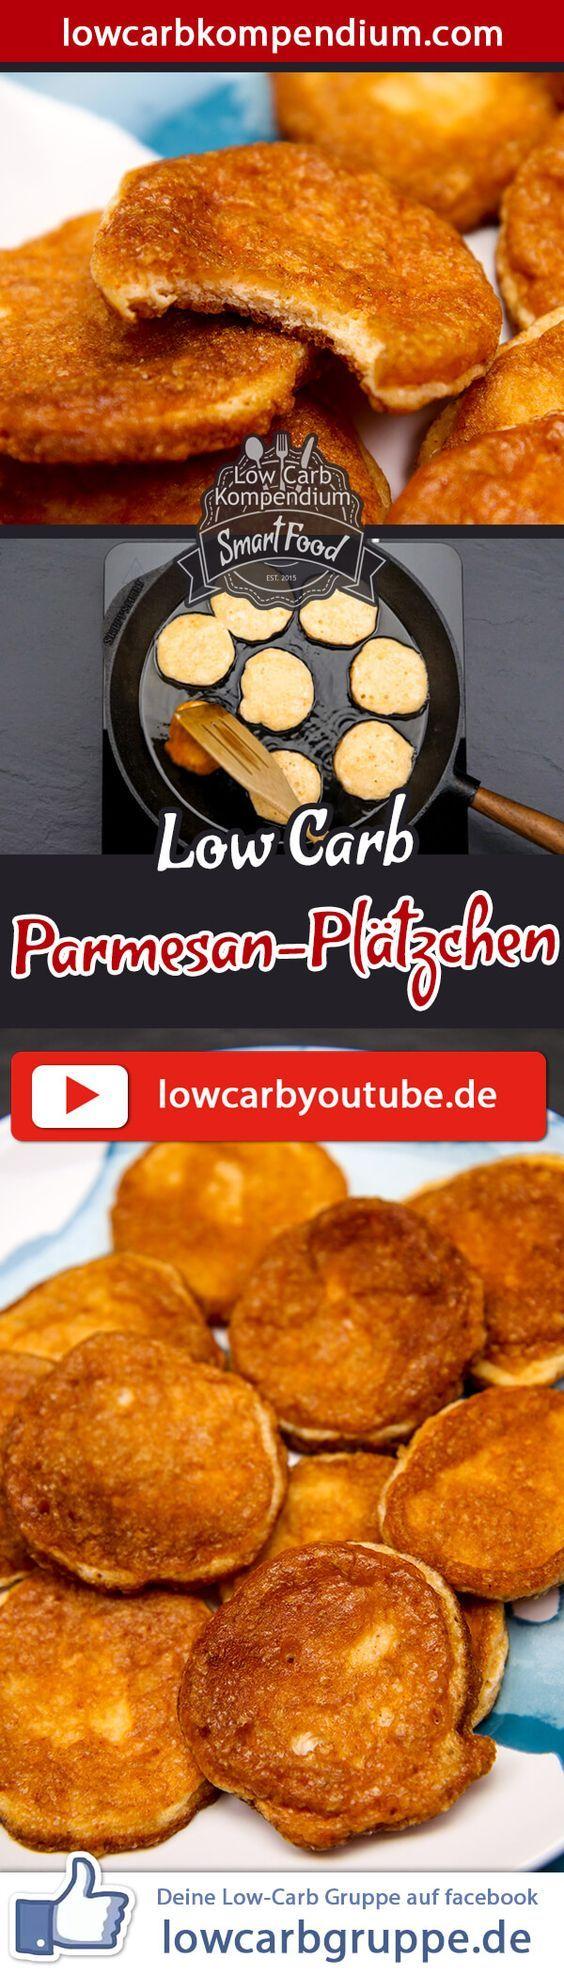 parmesan pl tzchen low carb snack berraschend herzhaft low carb rezepte pinterest. Black Bedroom Furniture Sets. Home Design Ideas